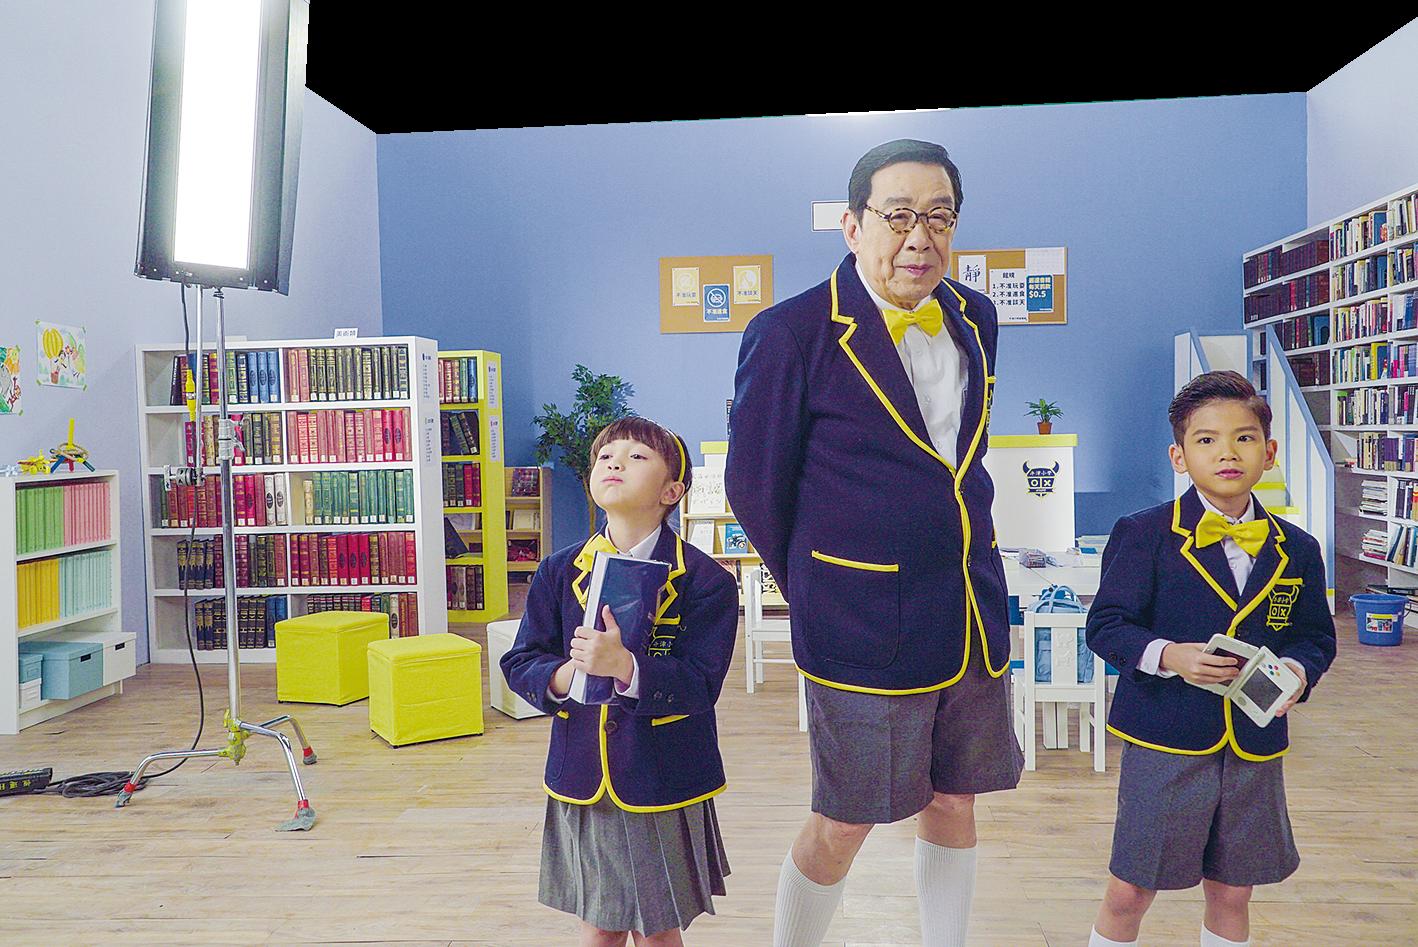 胡楓(修哥)拍攝新一輯短片《3個小學生去旅行》。(Expedia